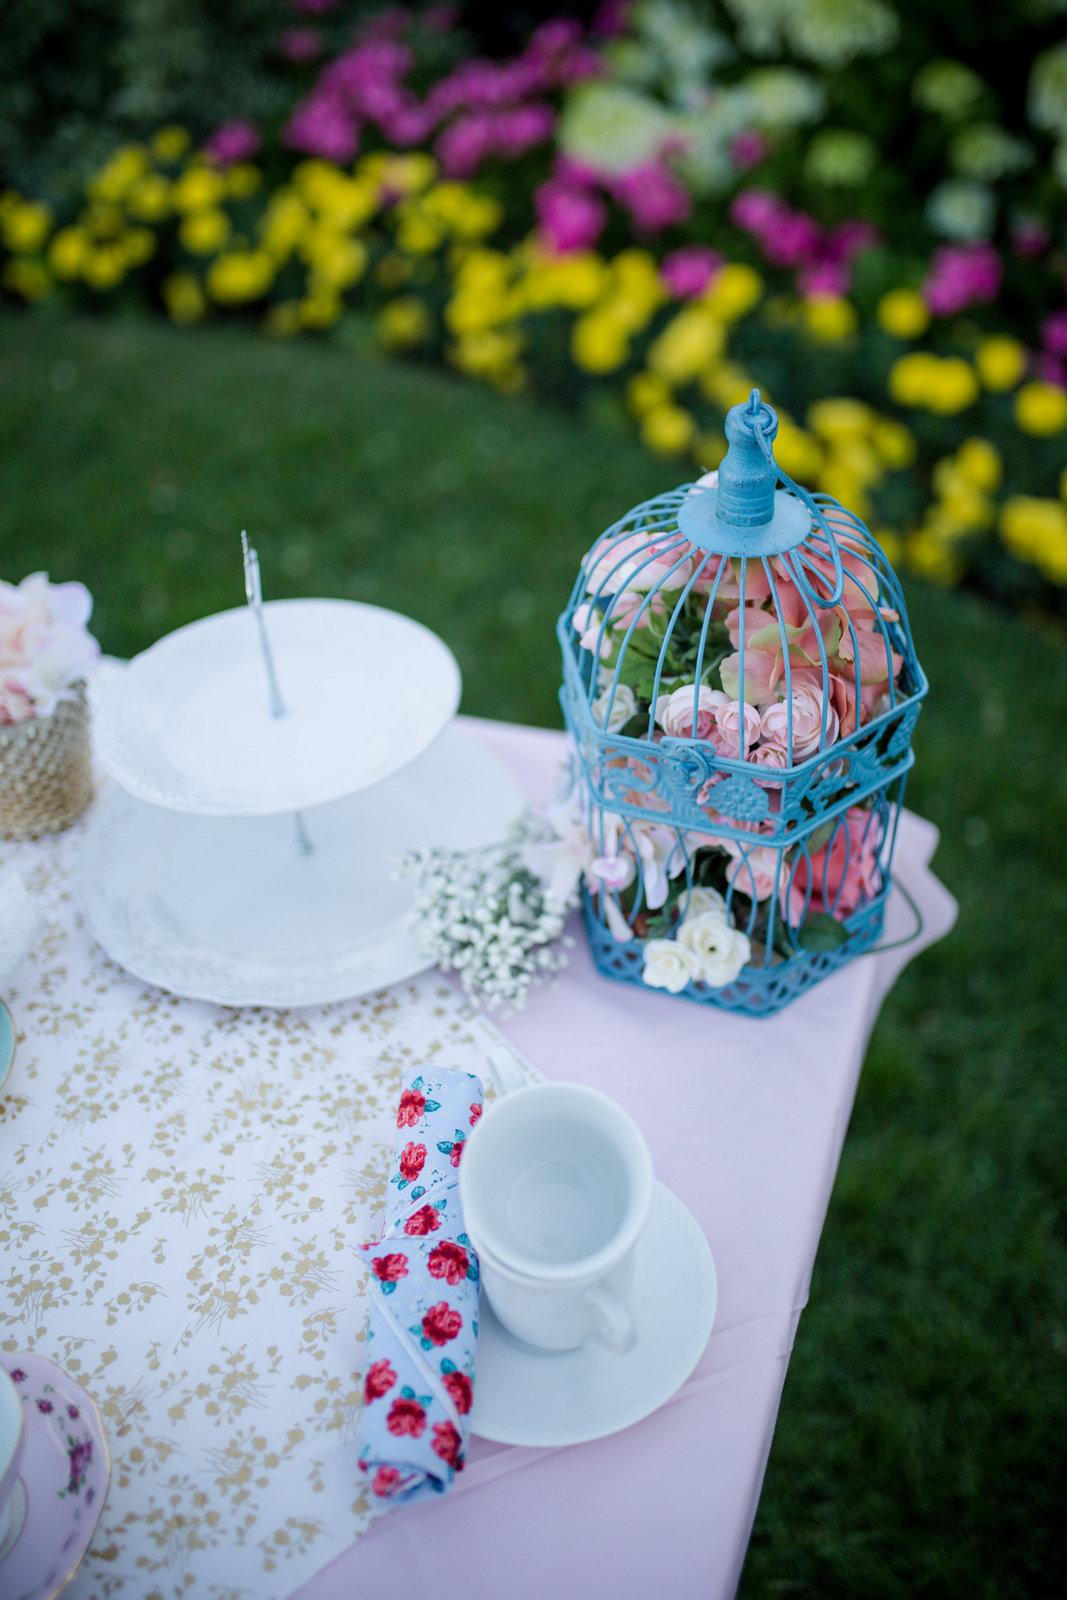 Tea party details